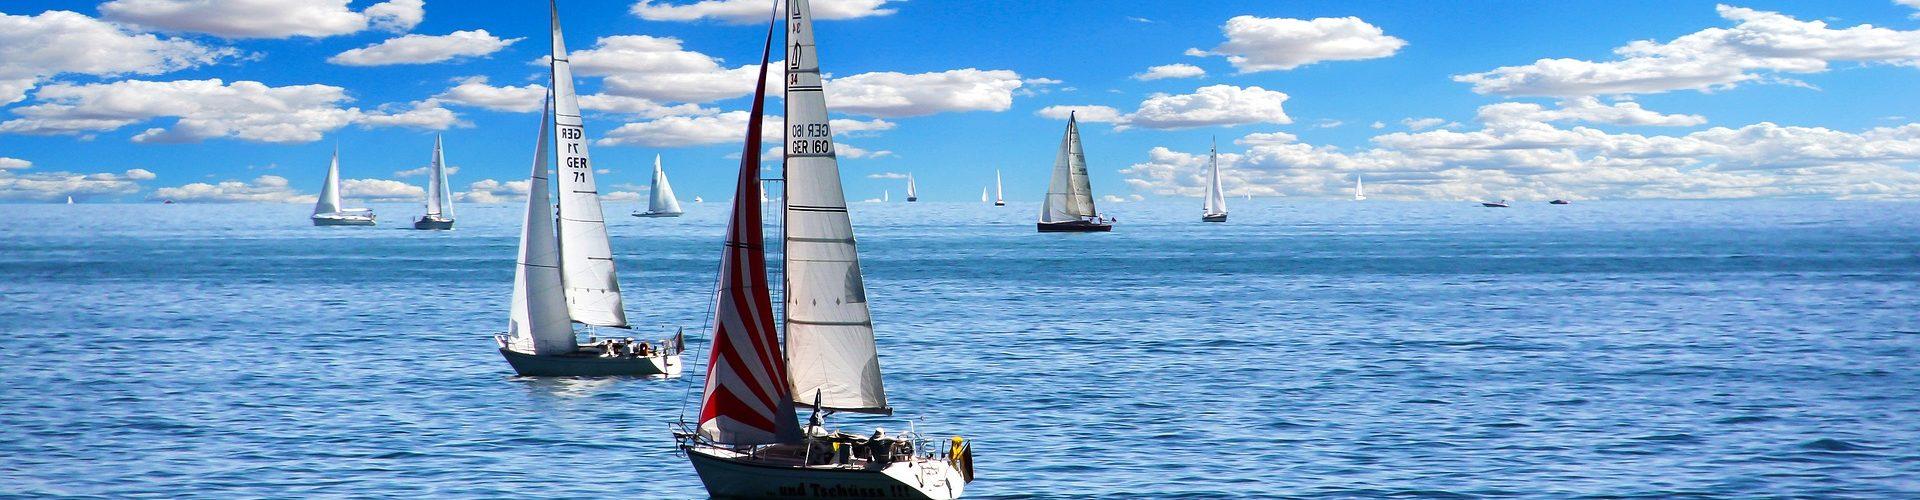 segeln lernen in Traben Trarbach segelschein machen in Traben Trarbach 1920x500 - Segeln lernen in Traben-Trarbach